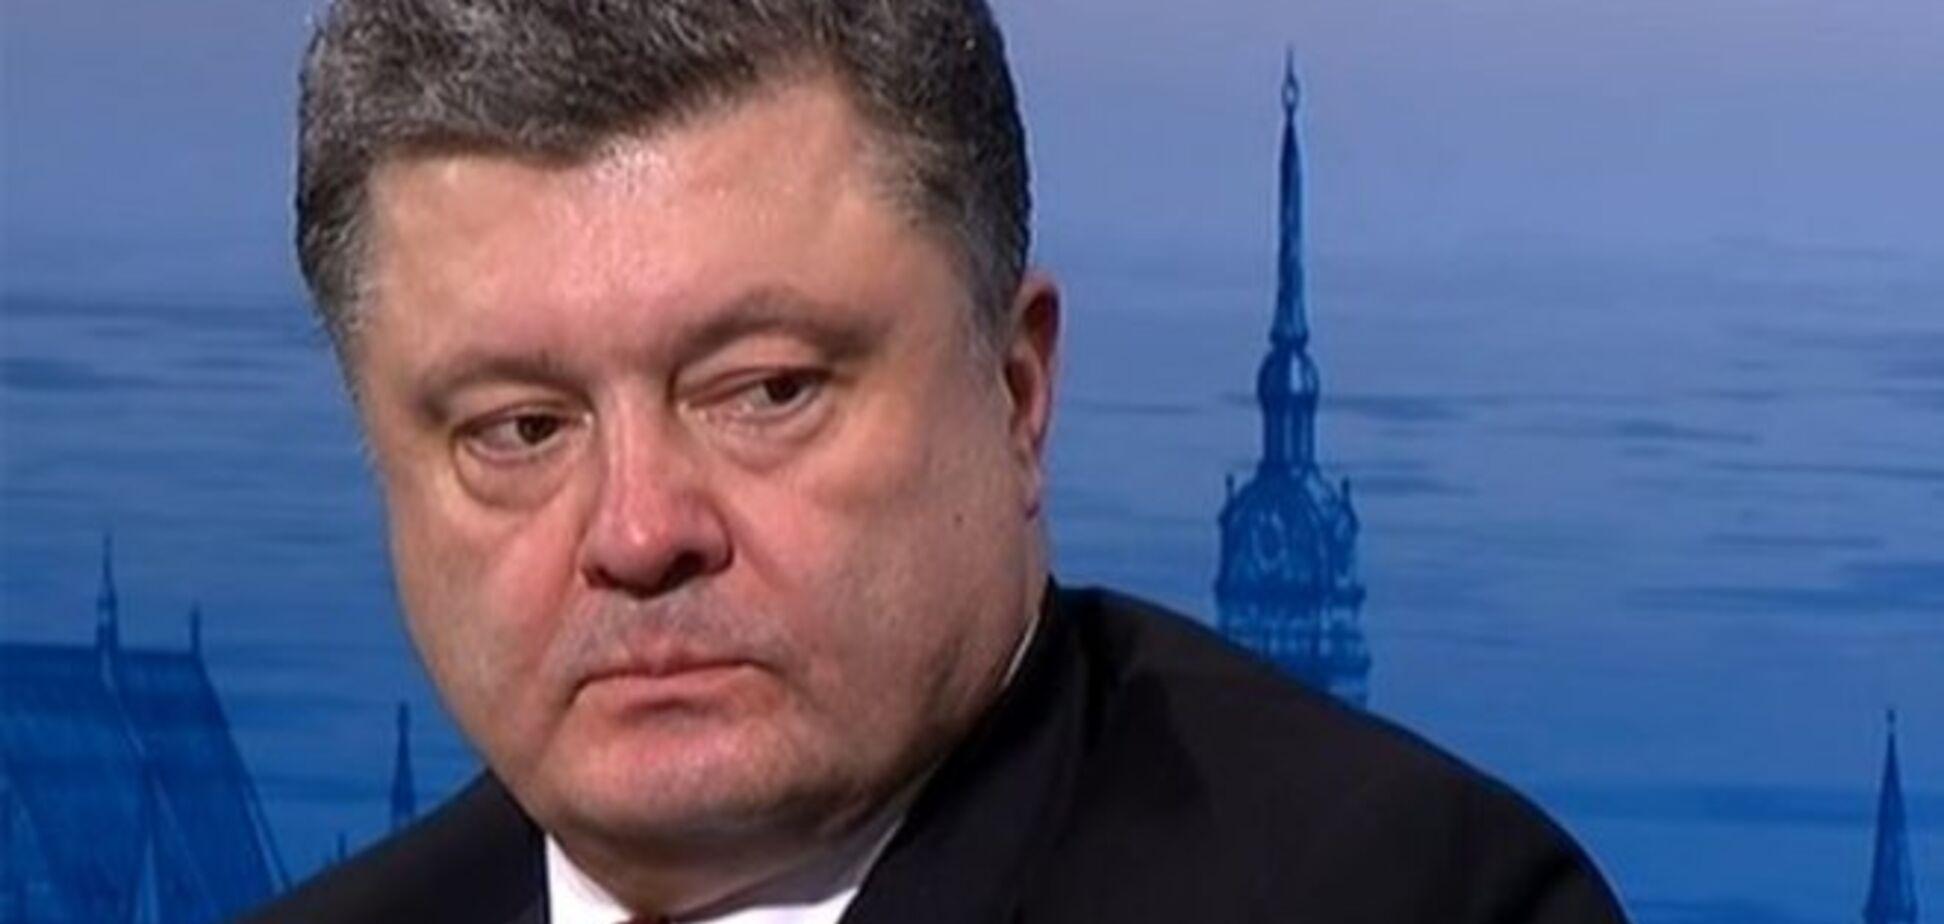 Порошенко рассказал о плане Путина и том, какое оружие нужно Украине